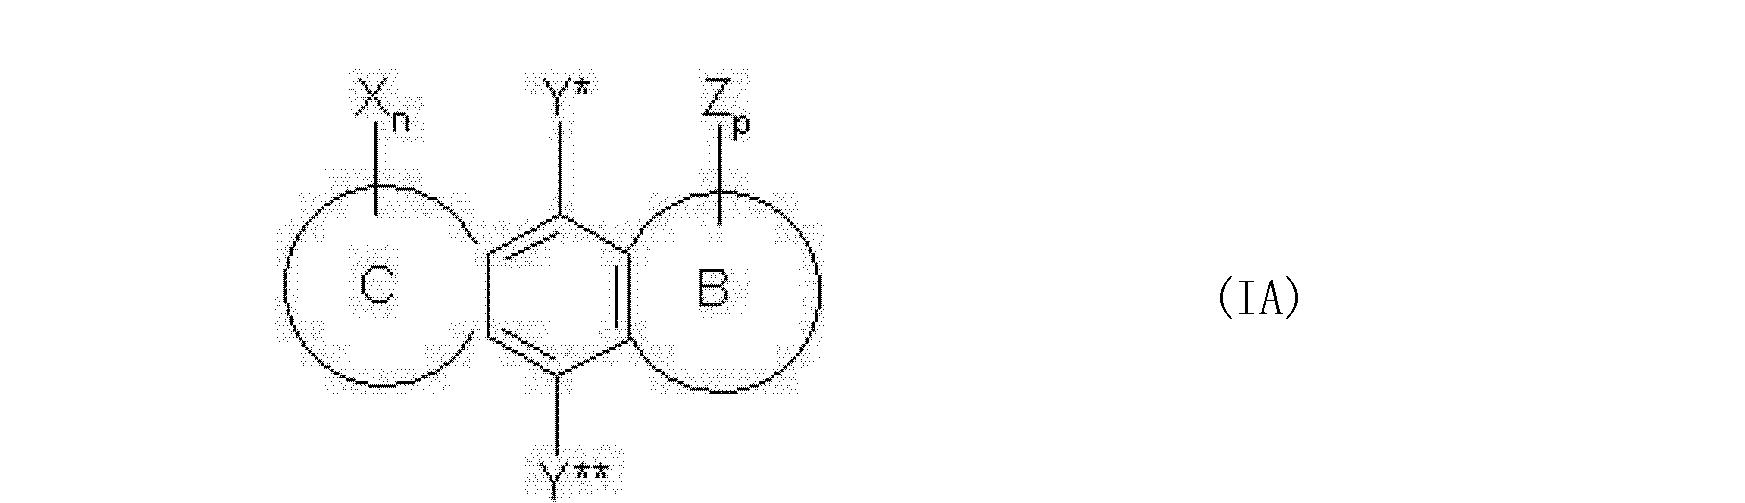 Figure CN101356662BC00152